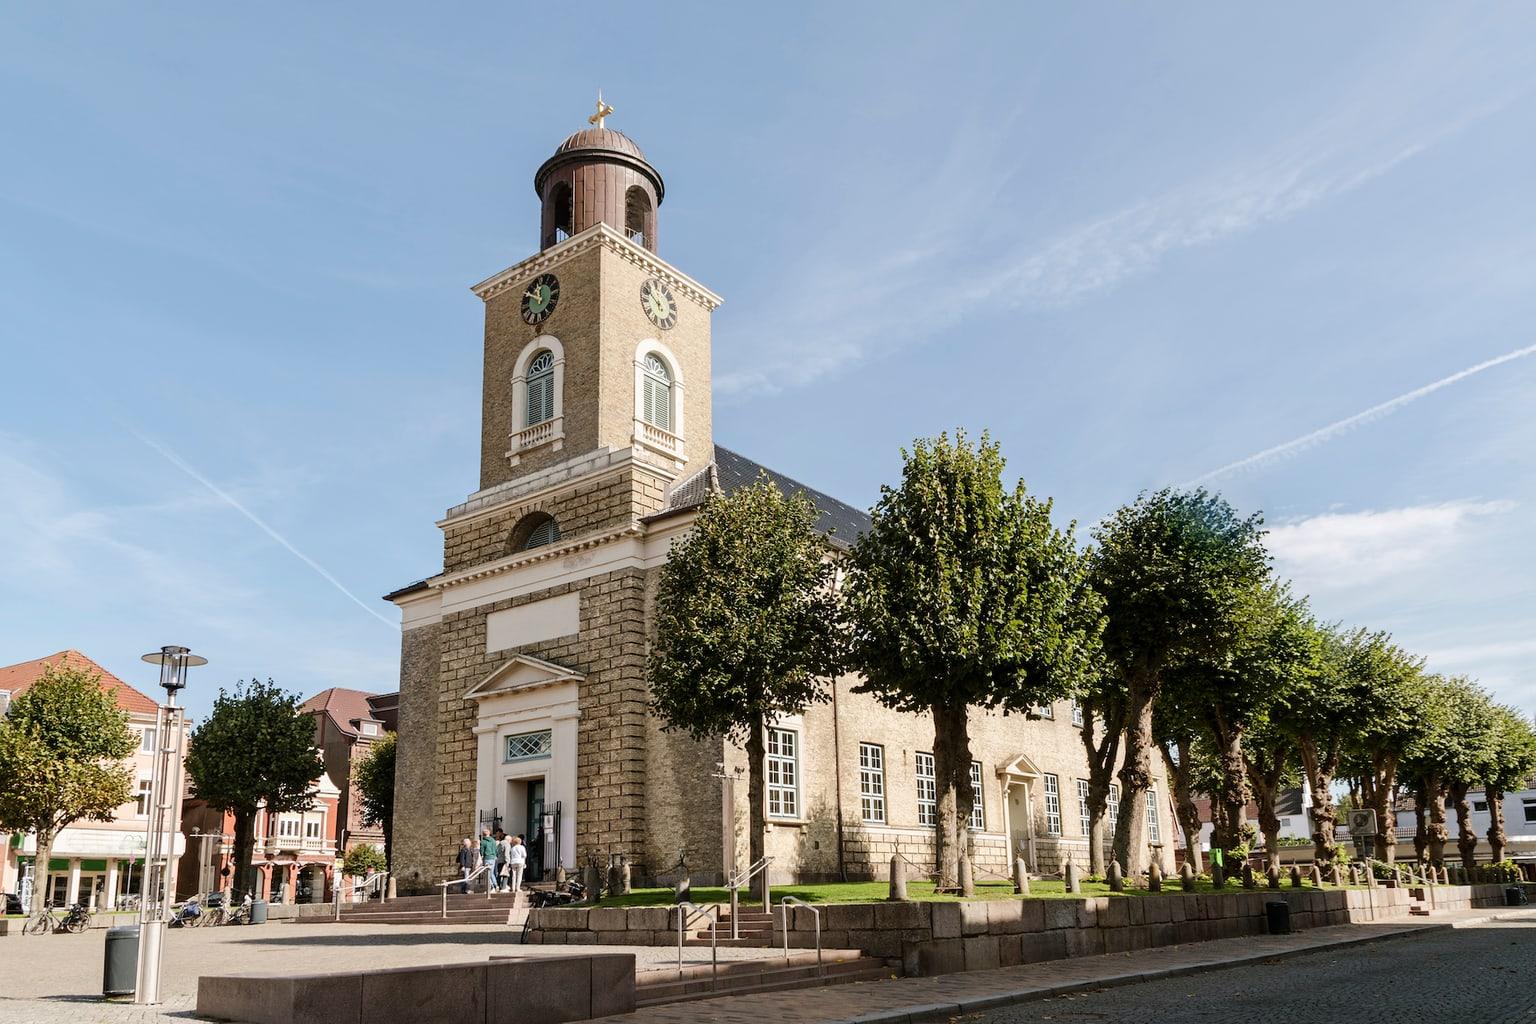 De kerk van het Duitse Nordzeestadje Husum